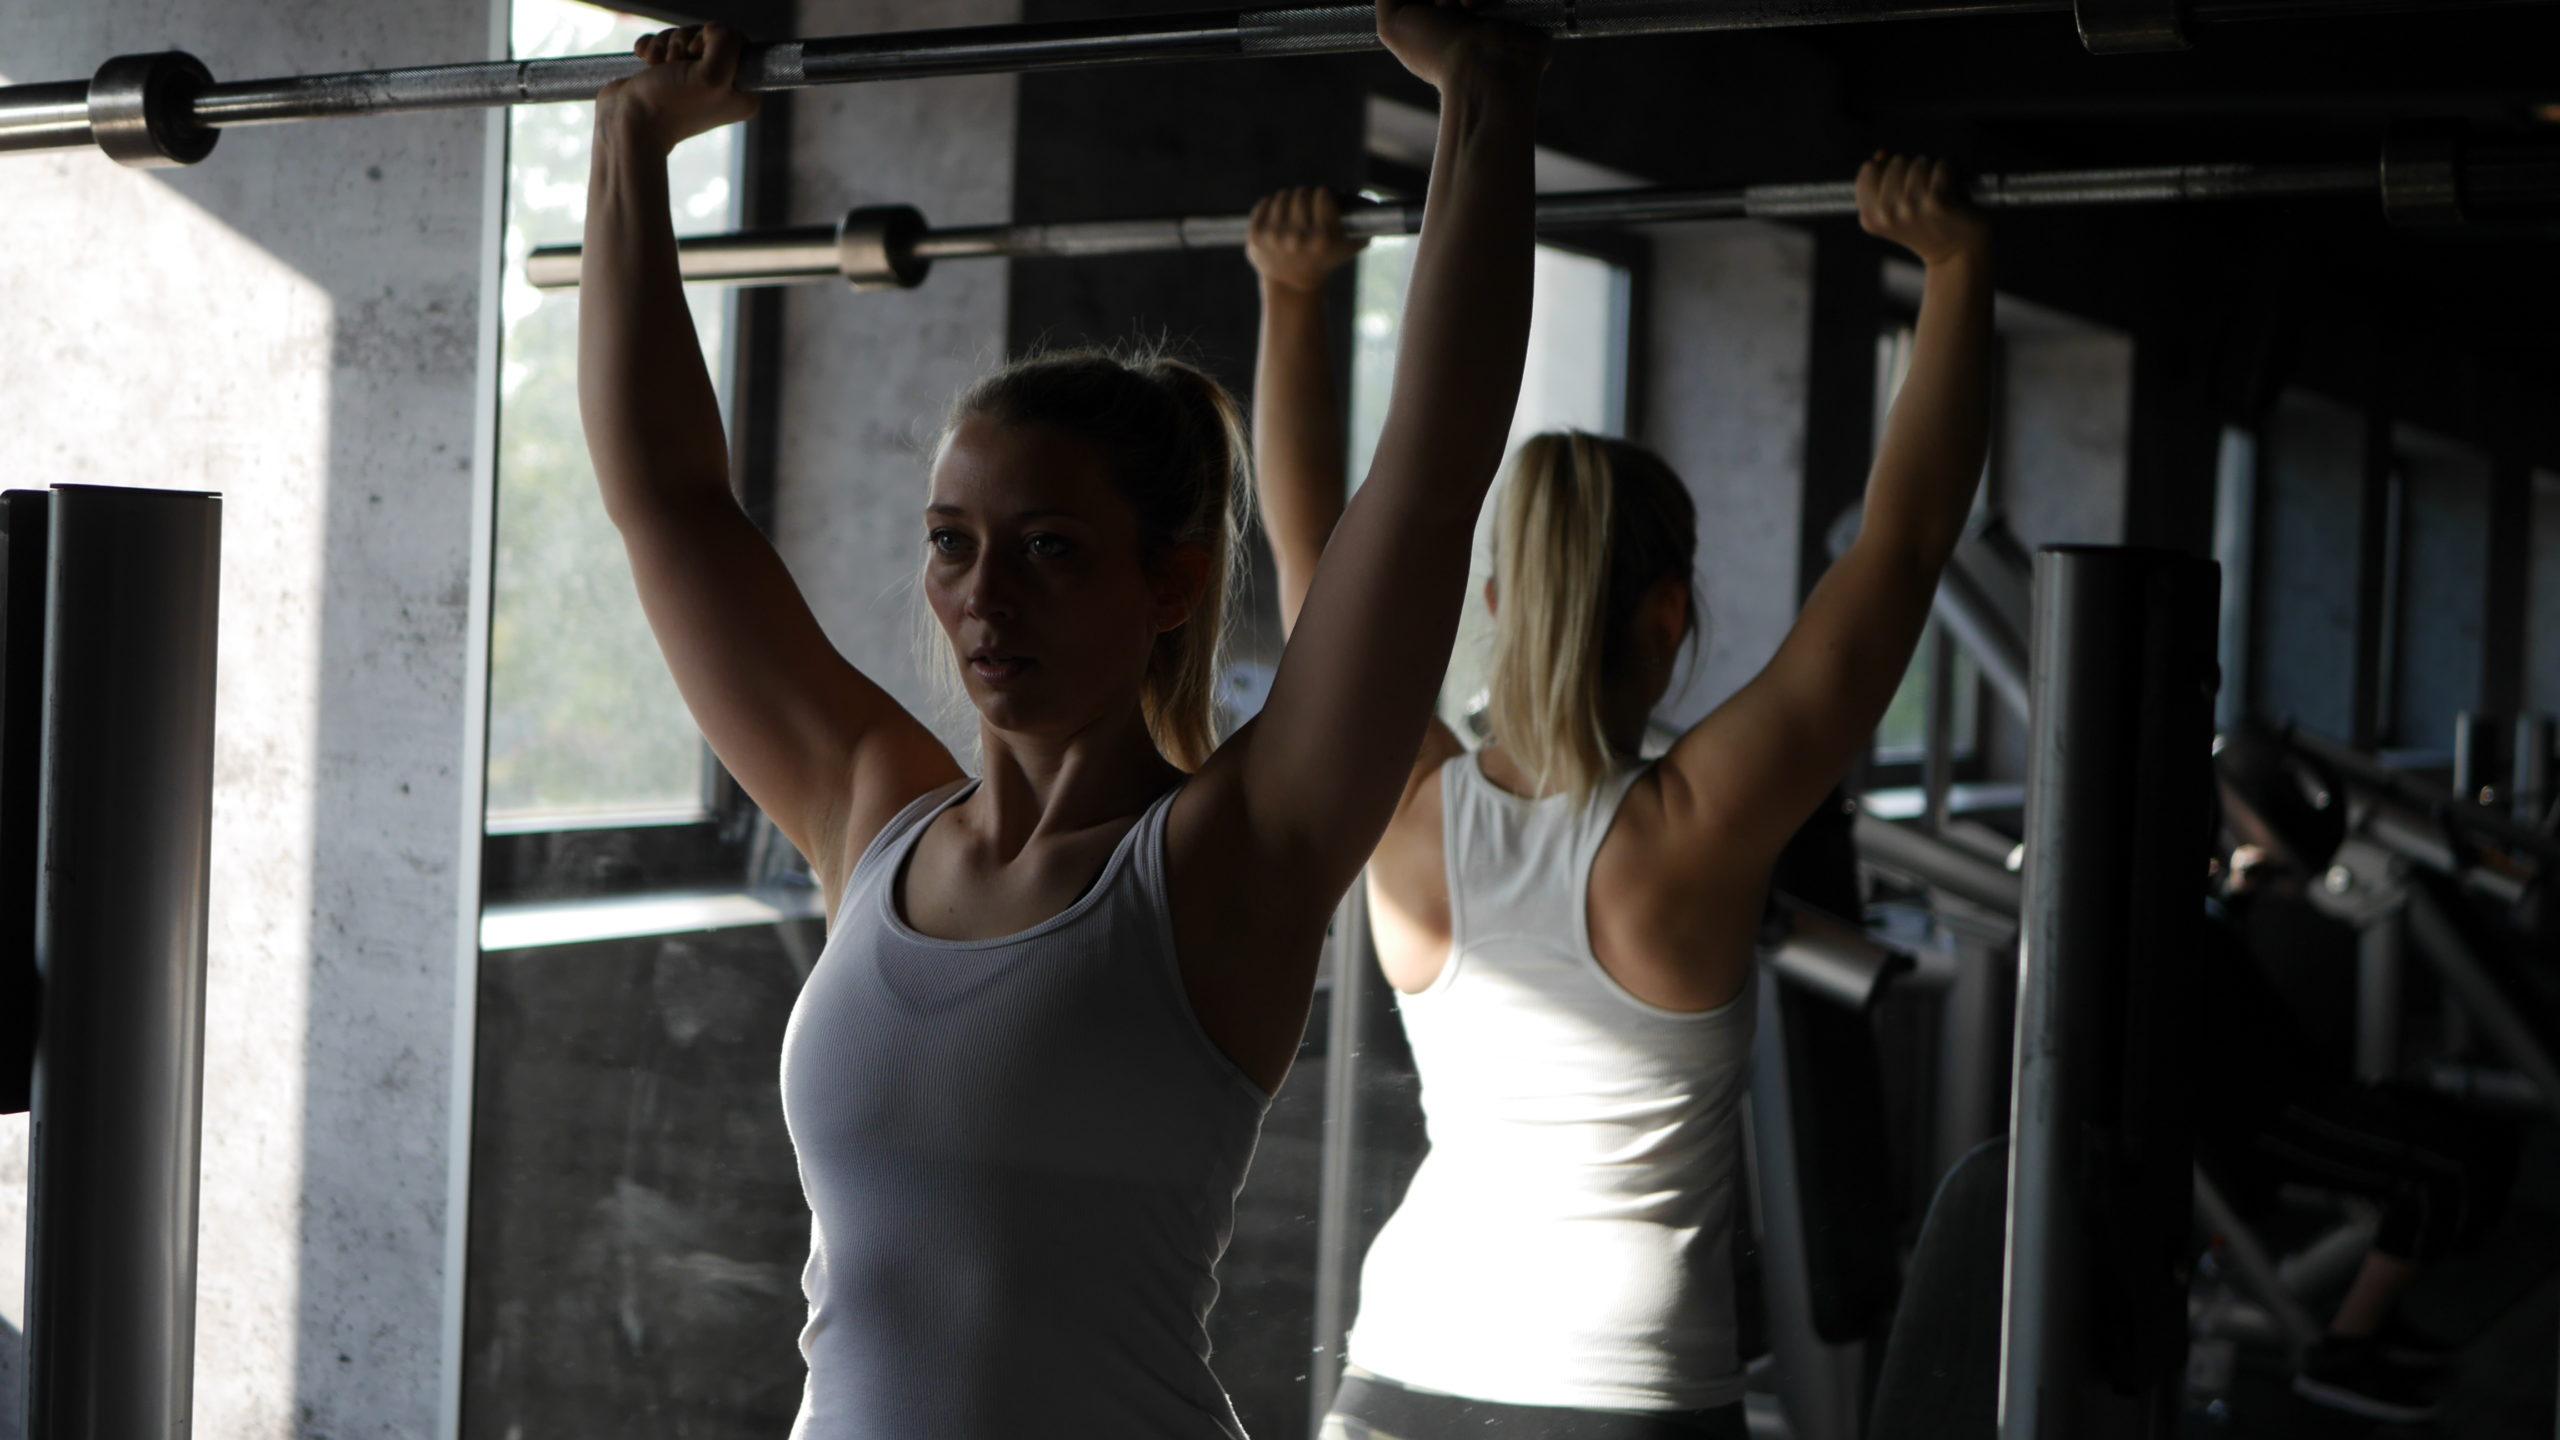 Wie du dich als Frau in den Freihantelbereich traust - Krafttraining im Fitness Studio